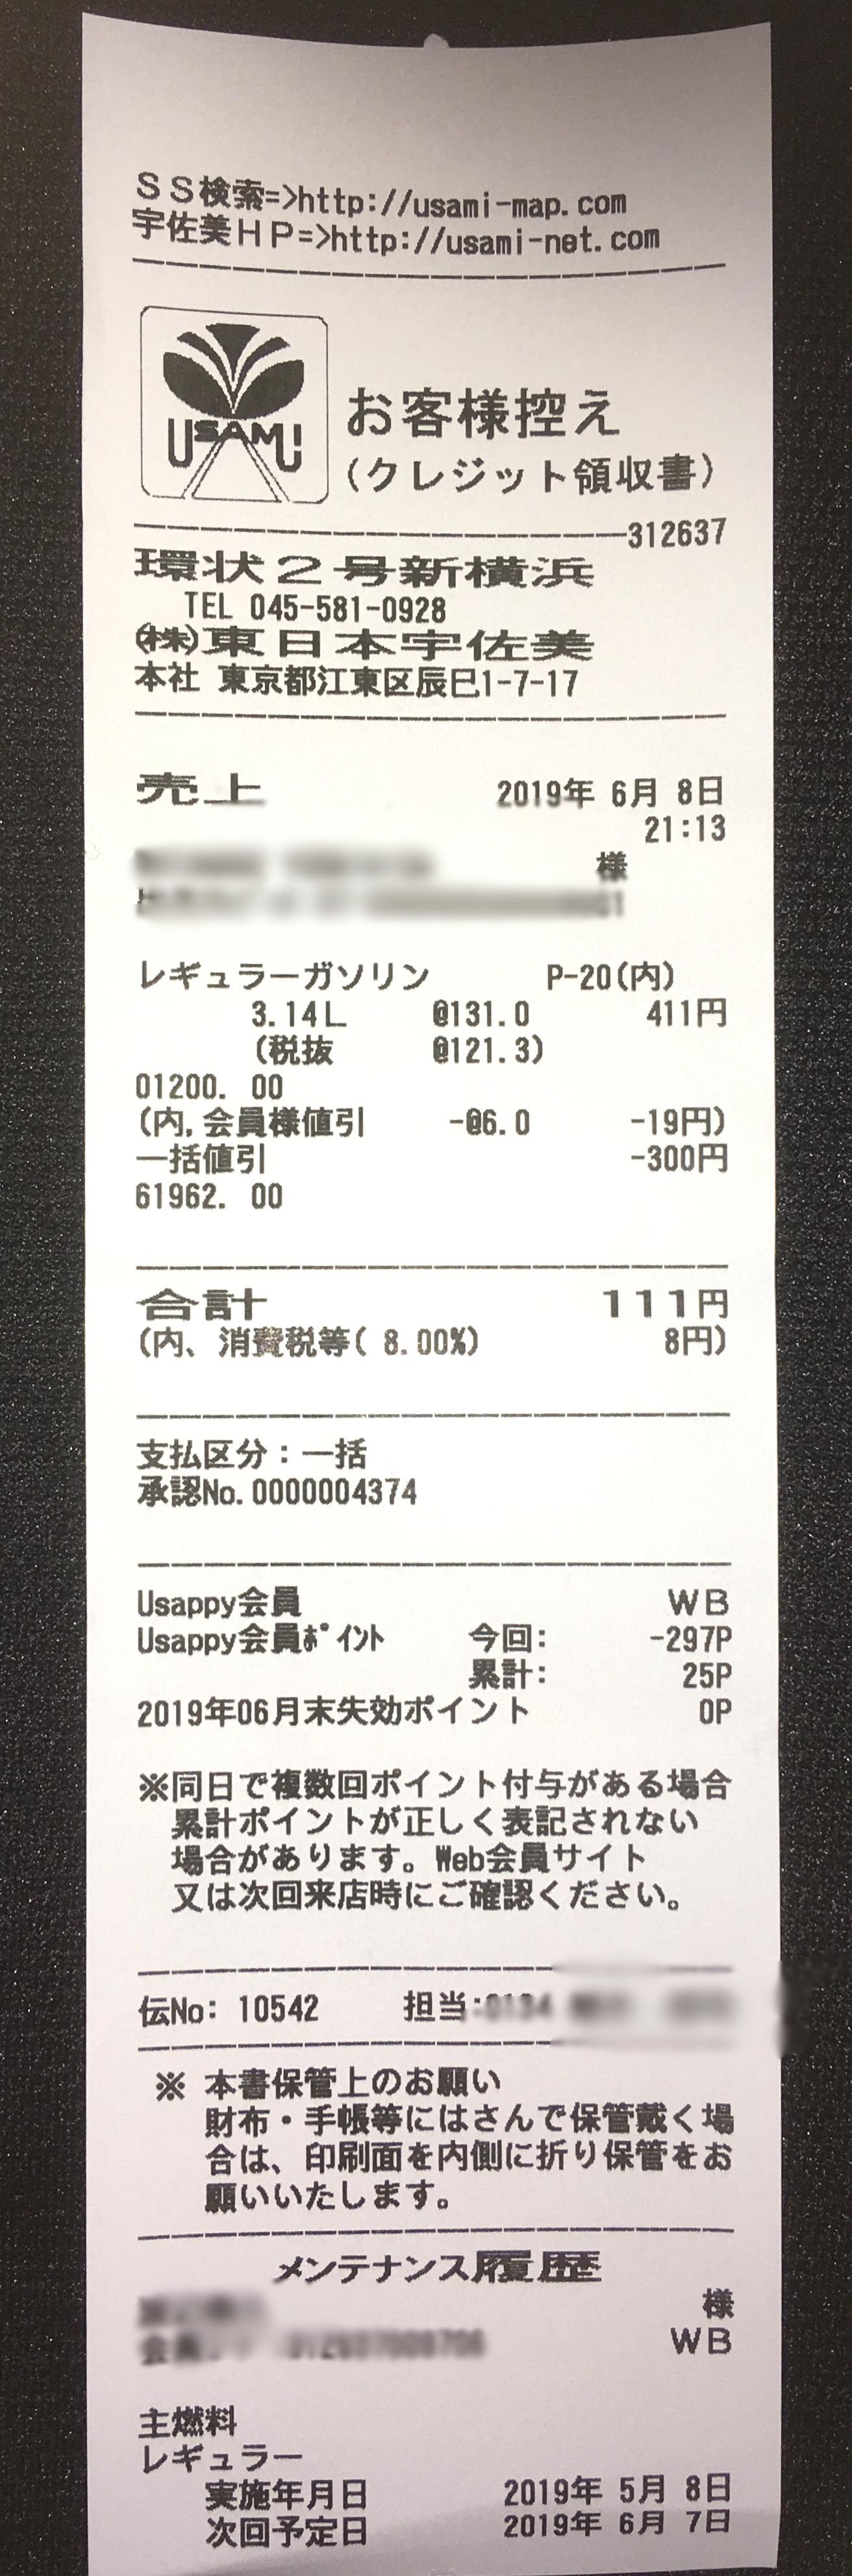 サッピー プラス ウ カード